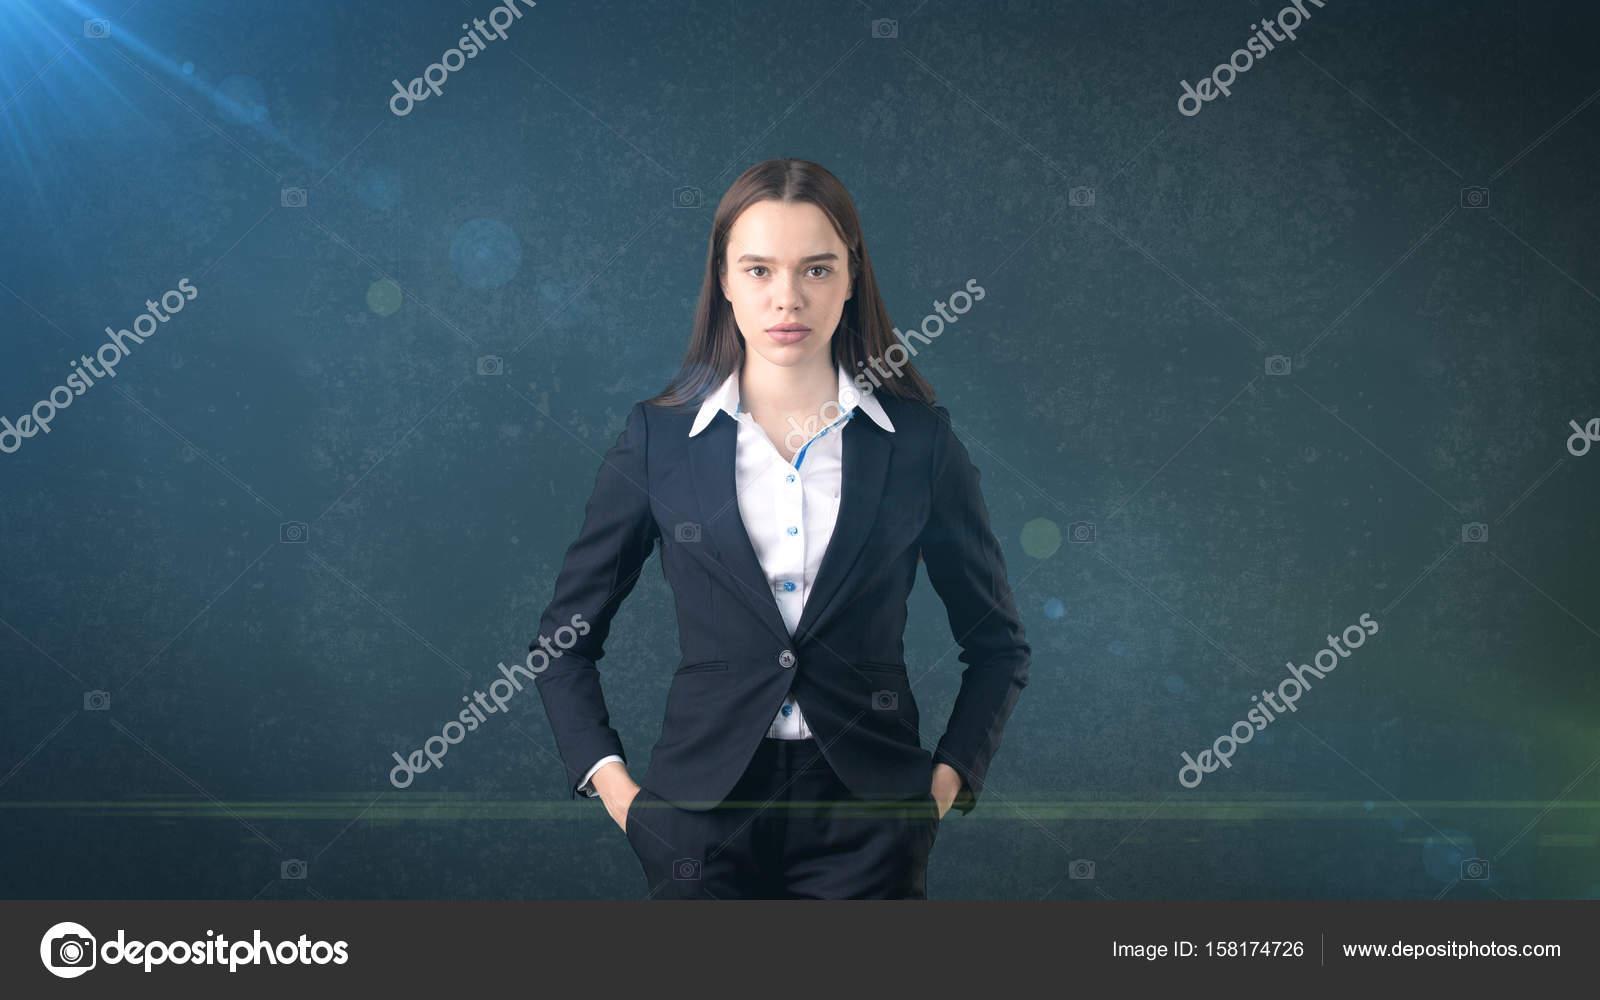 bfe6bc75f6bd Junge Frau Businesskleidung im schwarzen Anzug und weißem Hemd steht ...